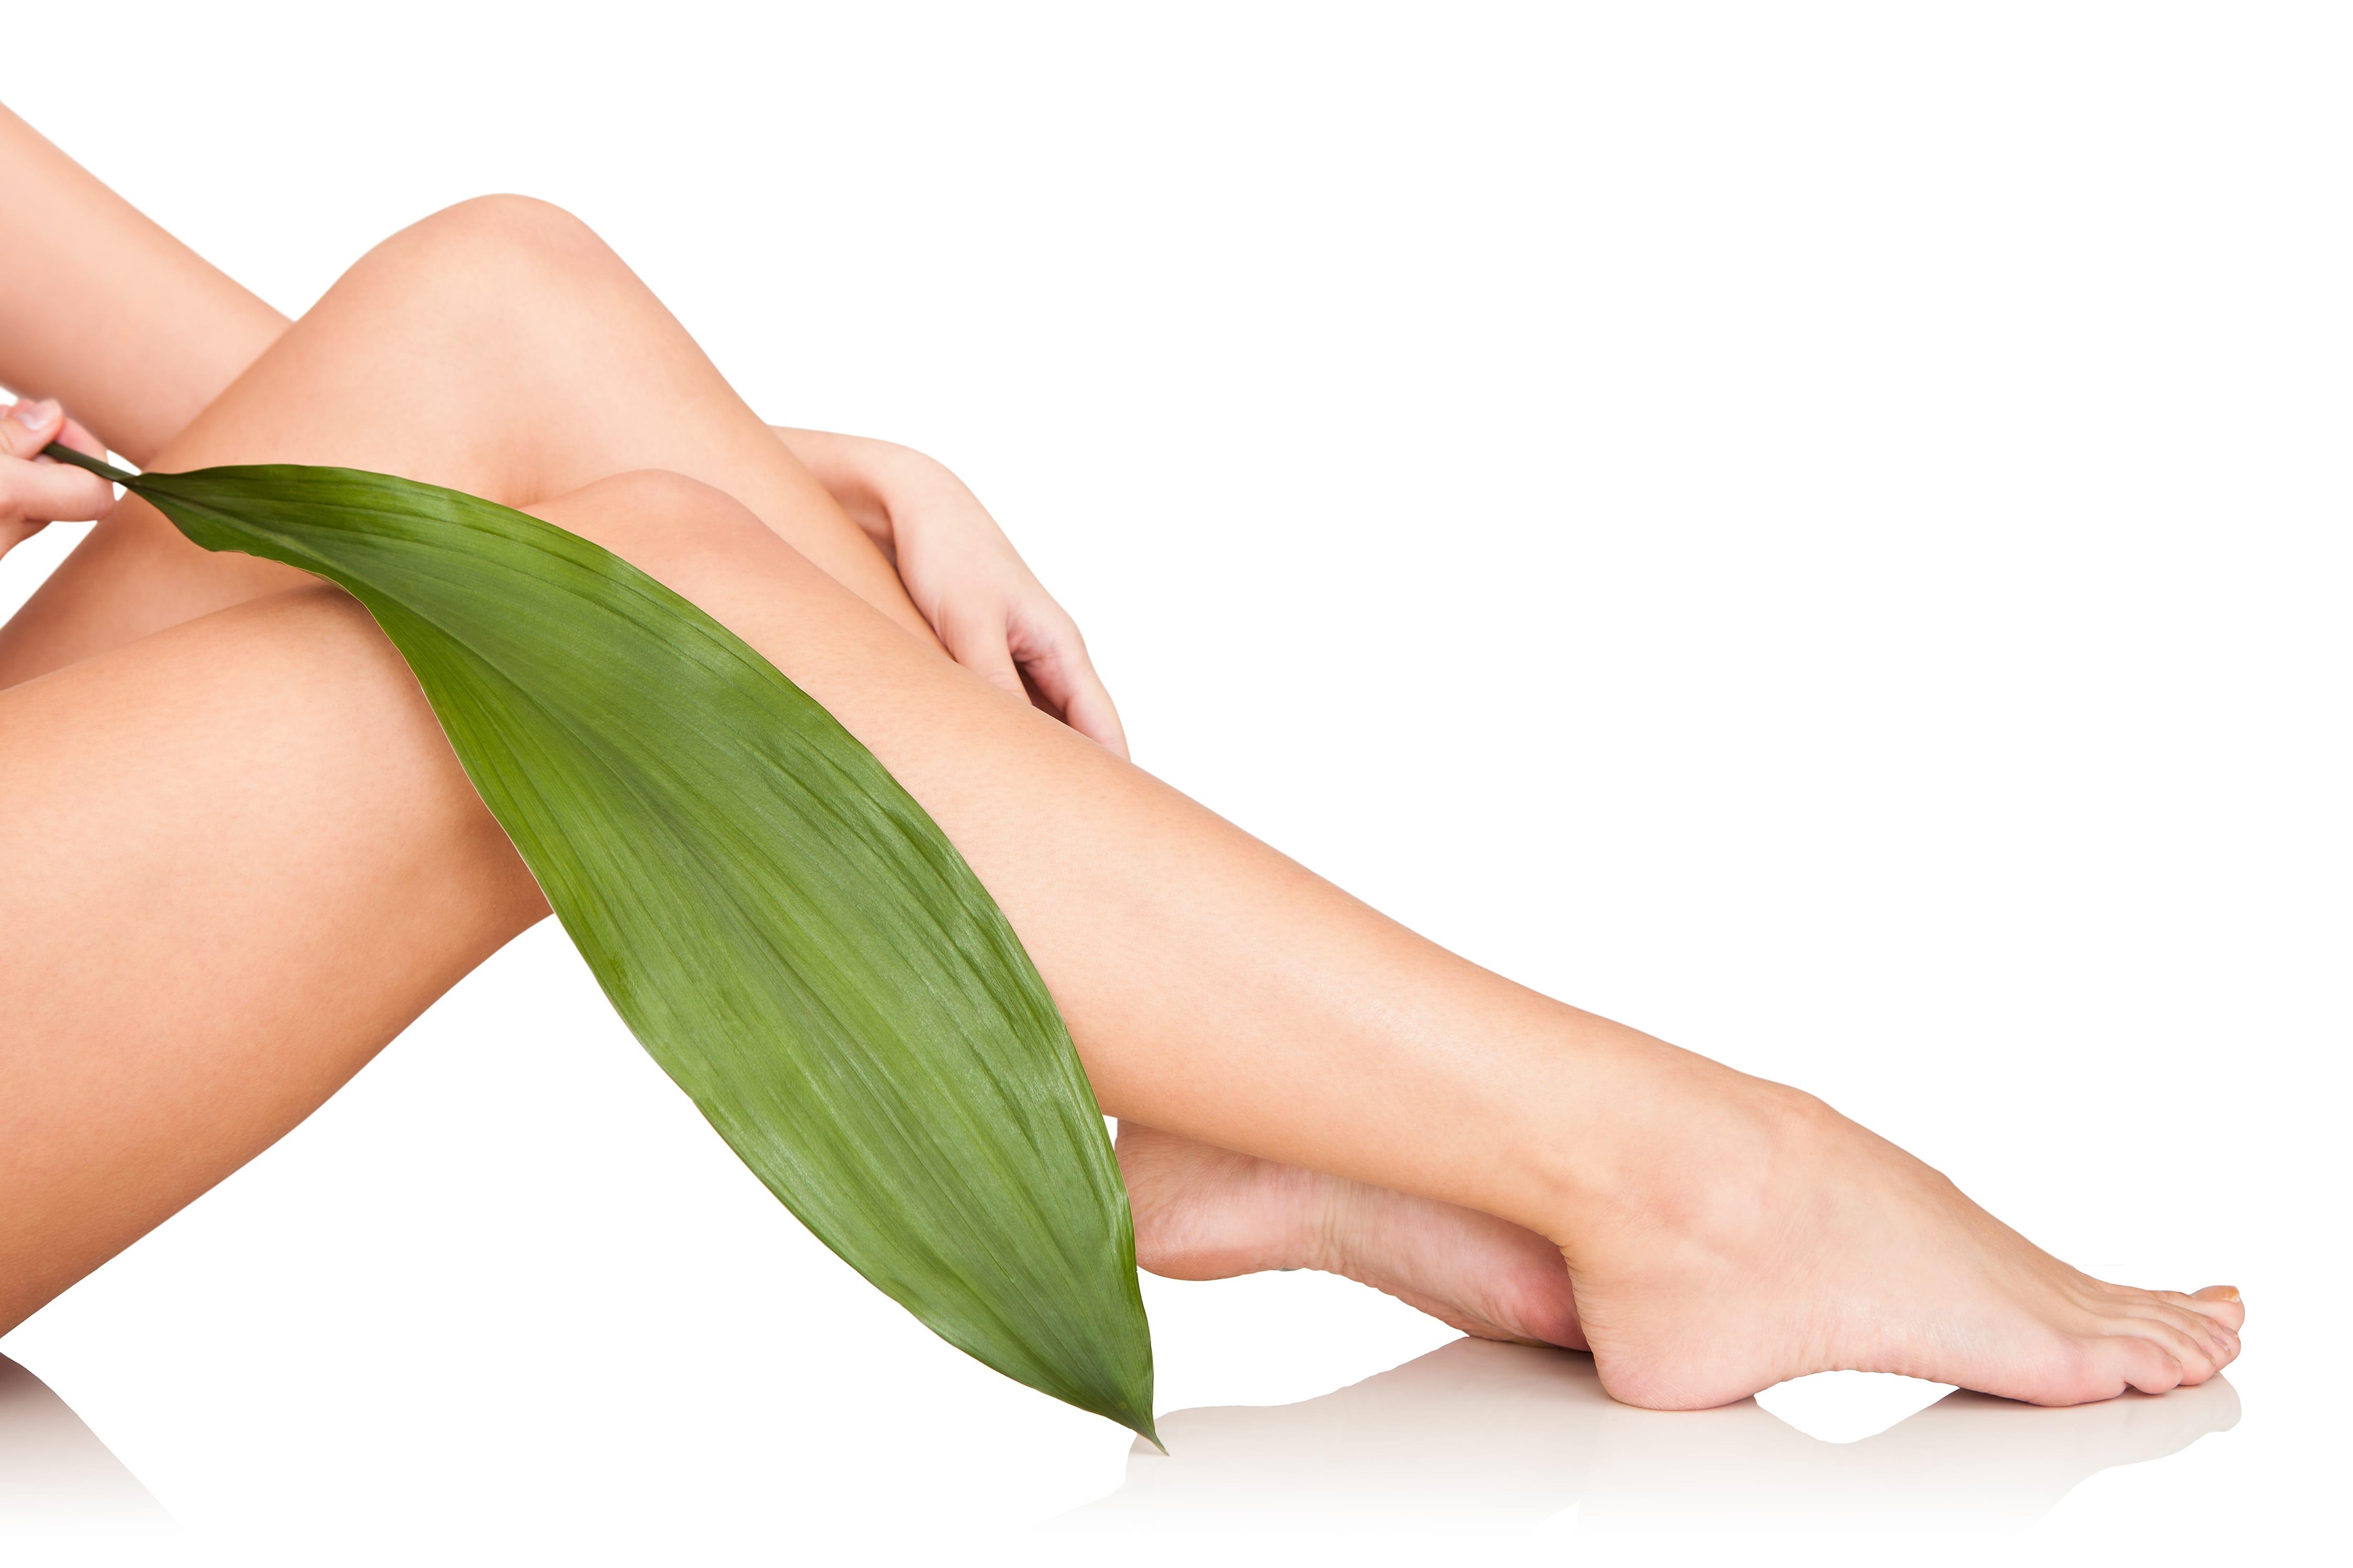 bio matrica fay boo visszerek viszkető láb visszeres